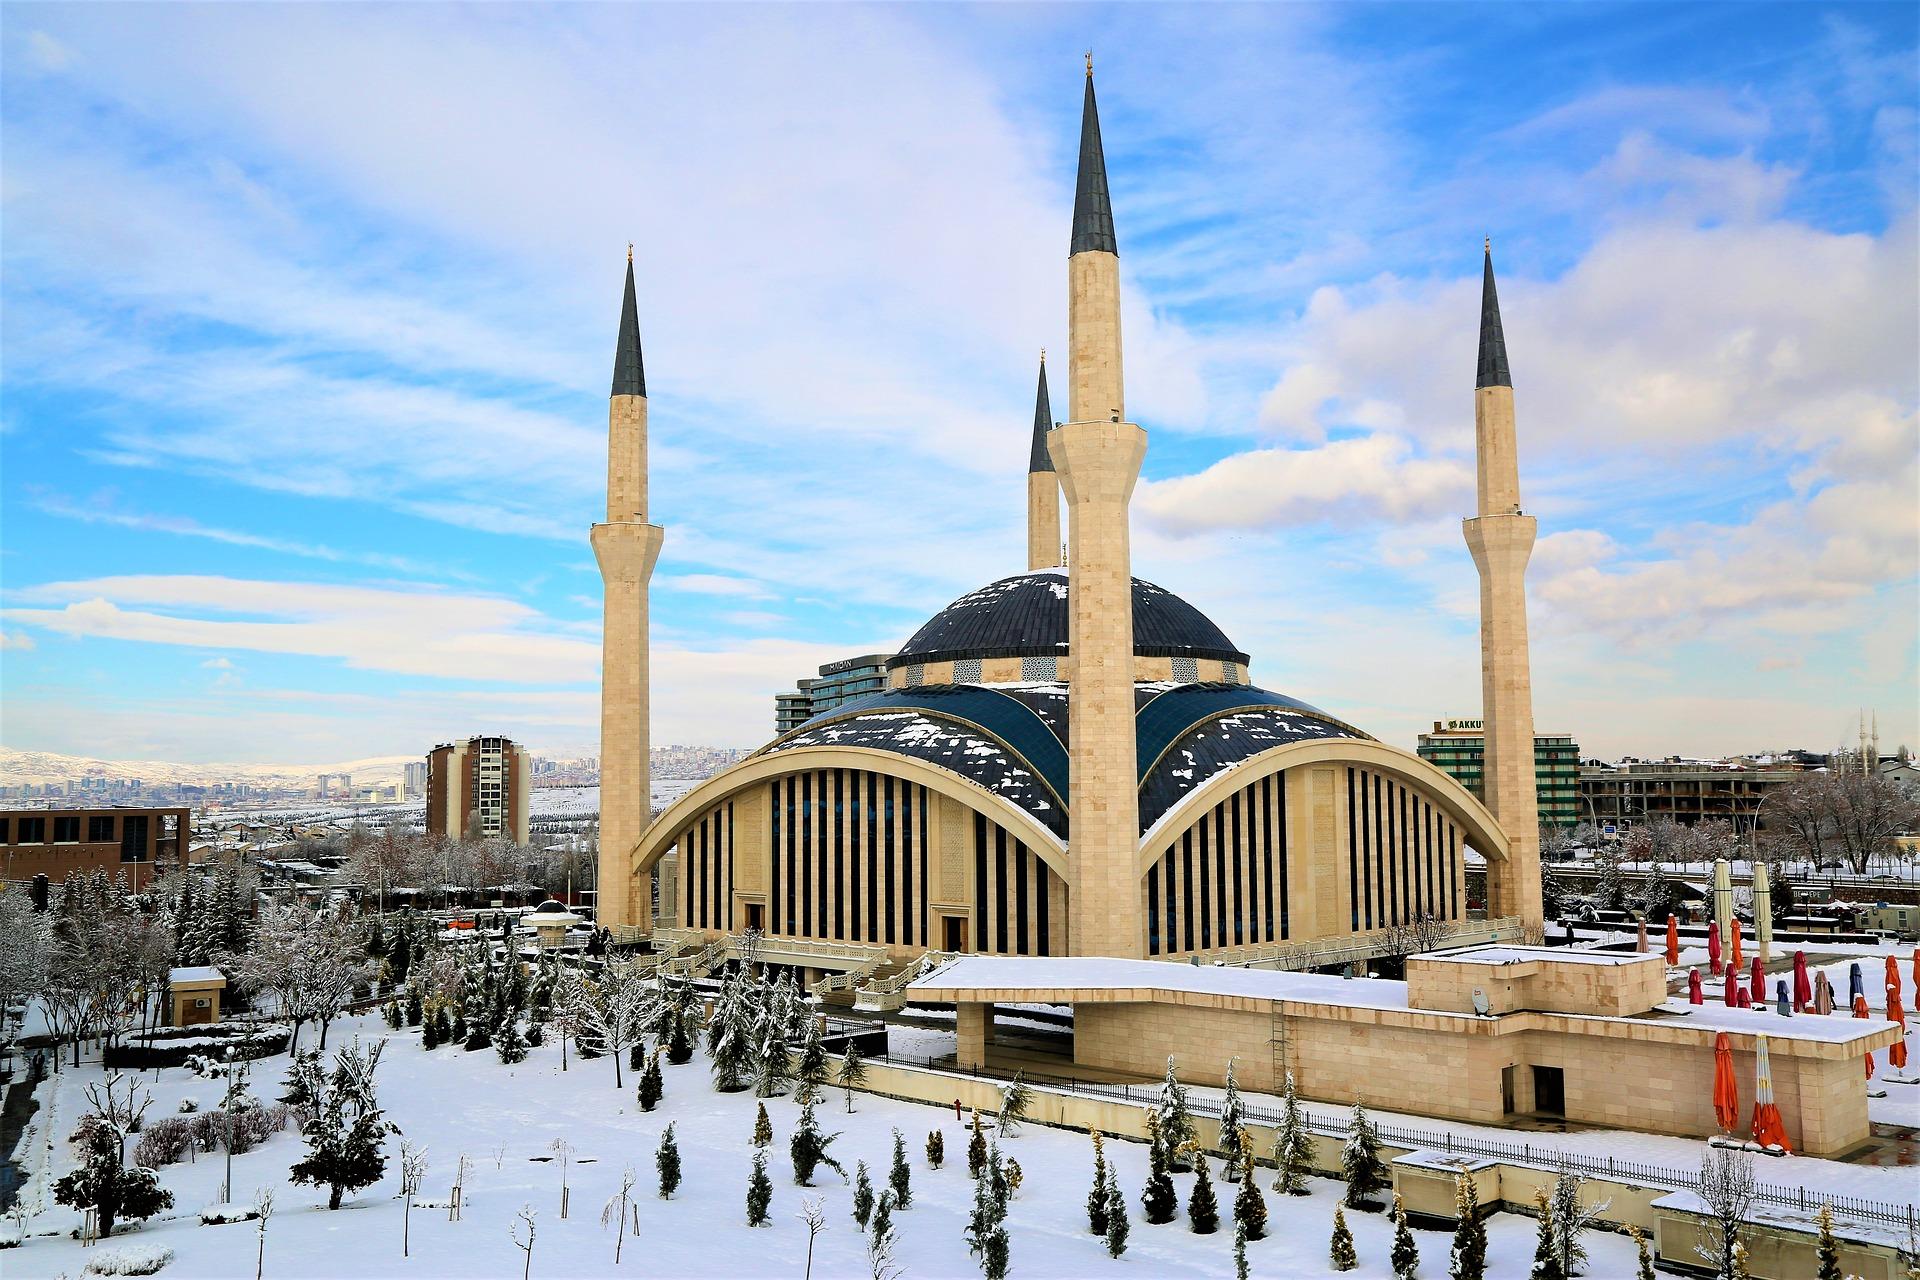 Ankara finde deinen günstigen Flug & Hotel ab 306,00€ die Woche